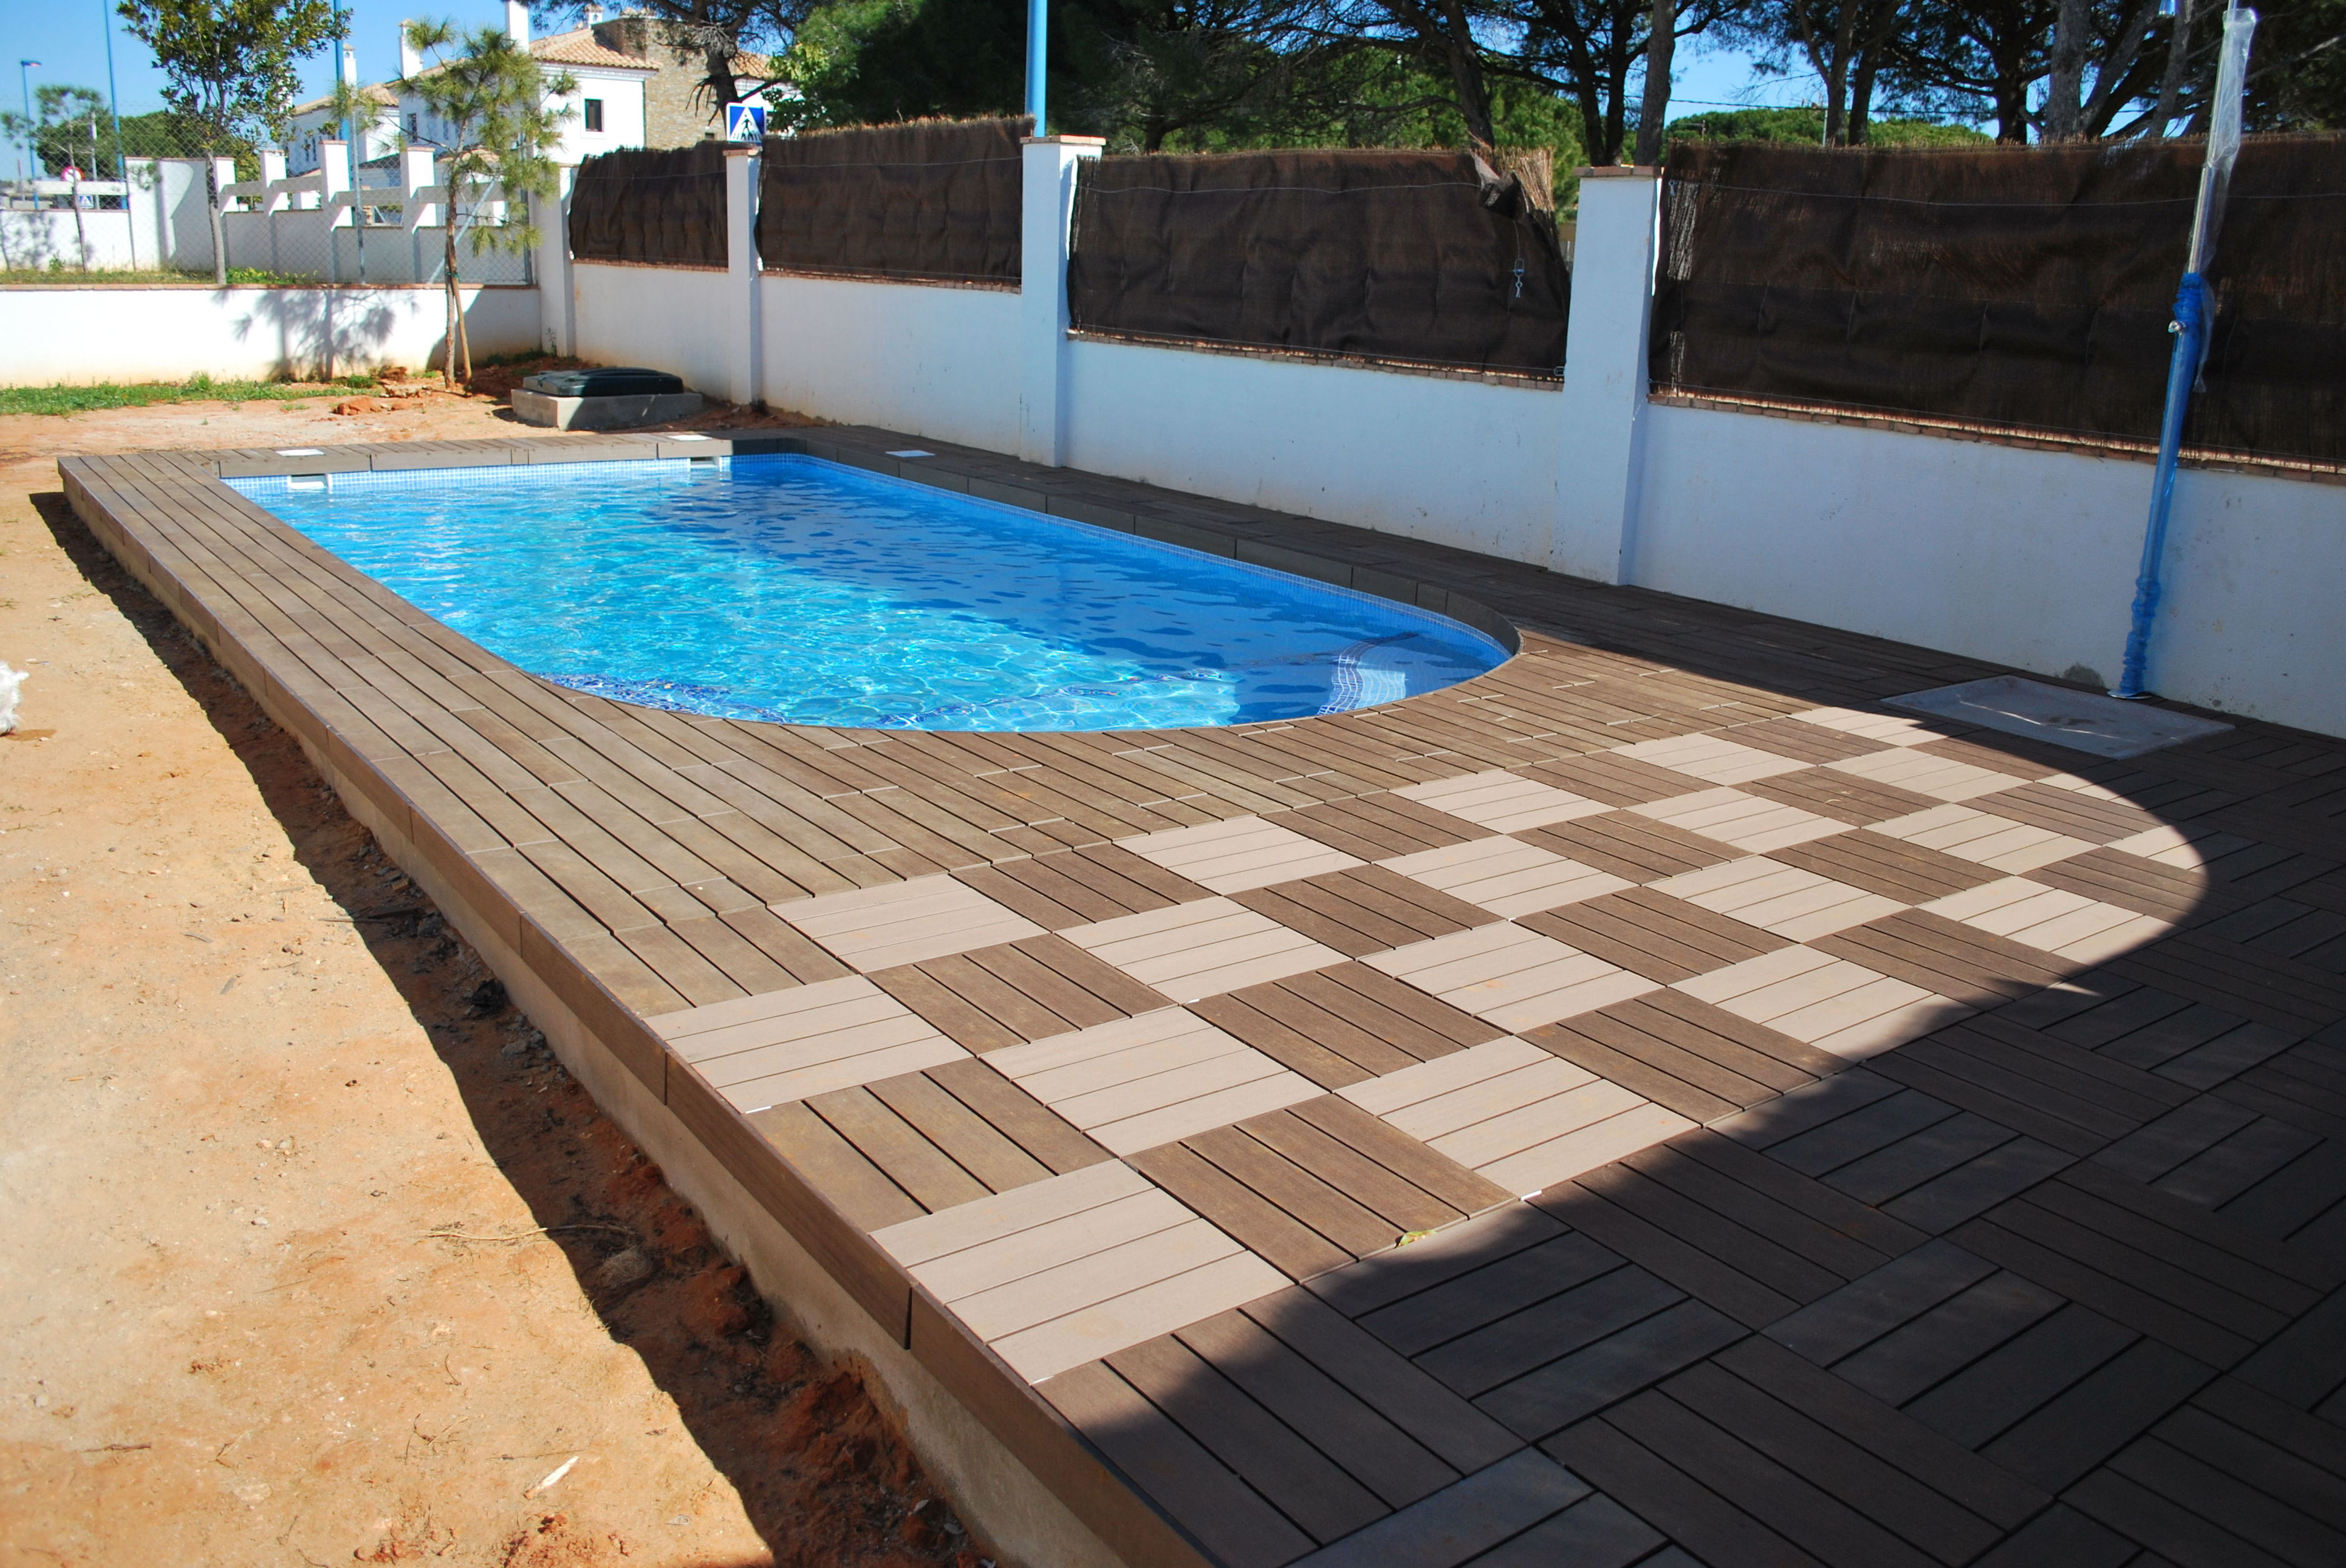 Foto 20 de Tiendas de piscinas en Chiclana de la Frontera | Aguatec Chiclana